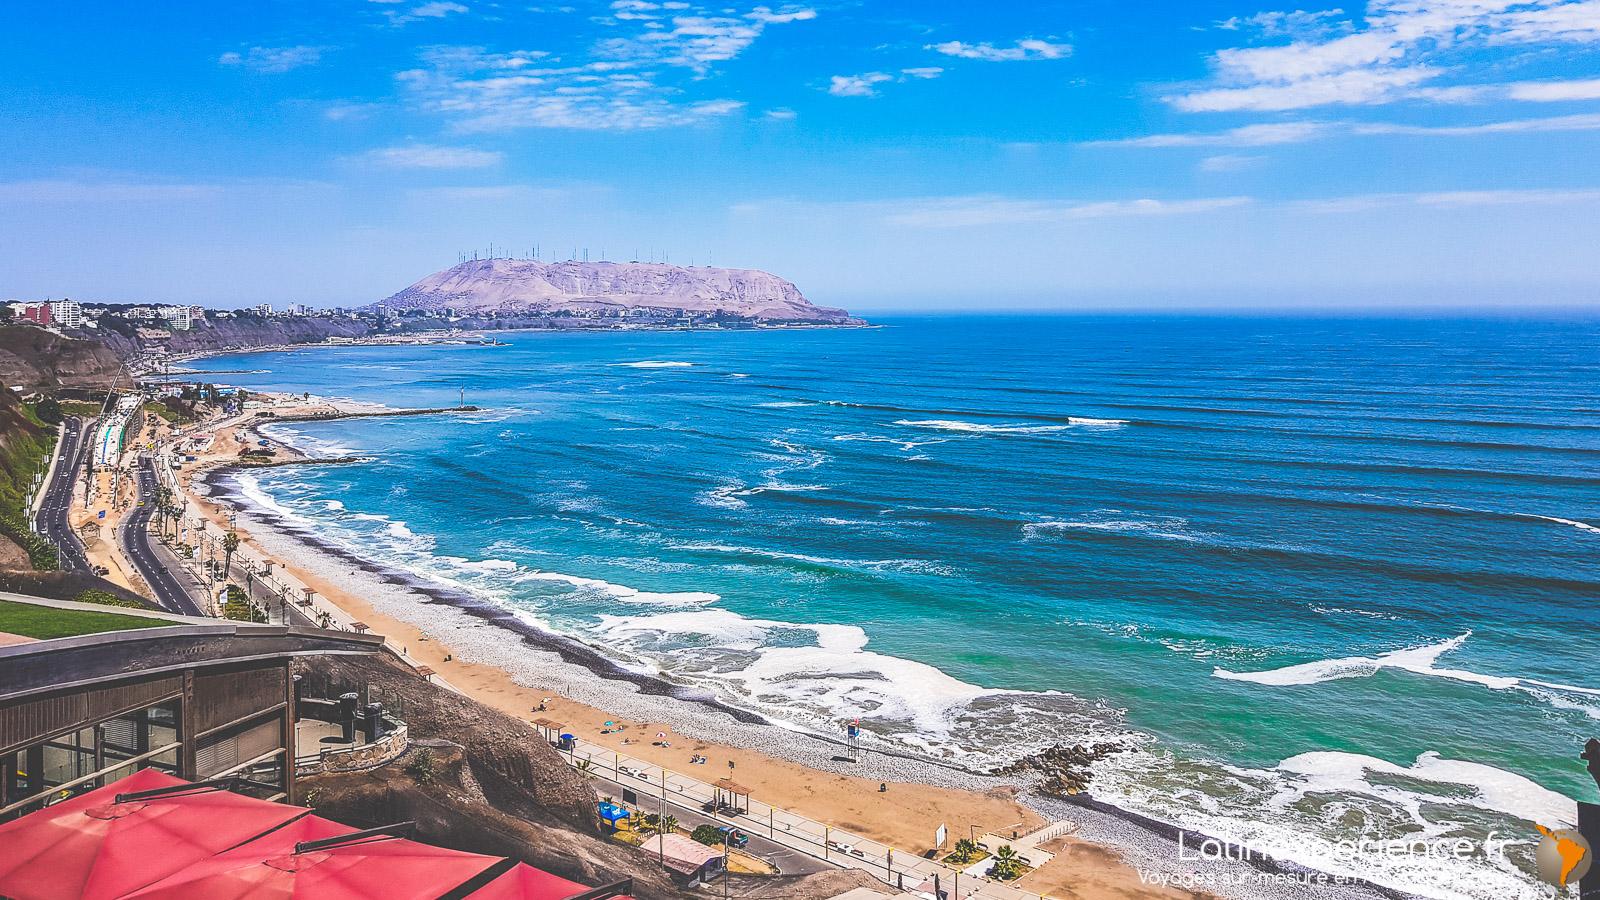 Pérou - falaise de Miraflores - Latinexperience voyages